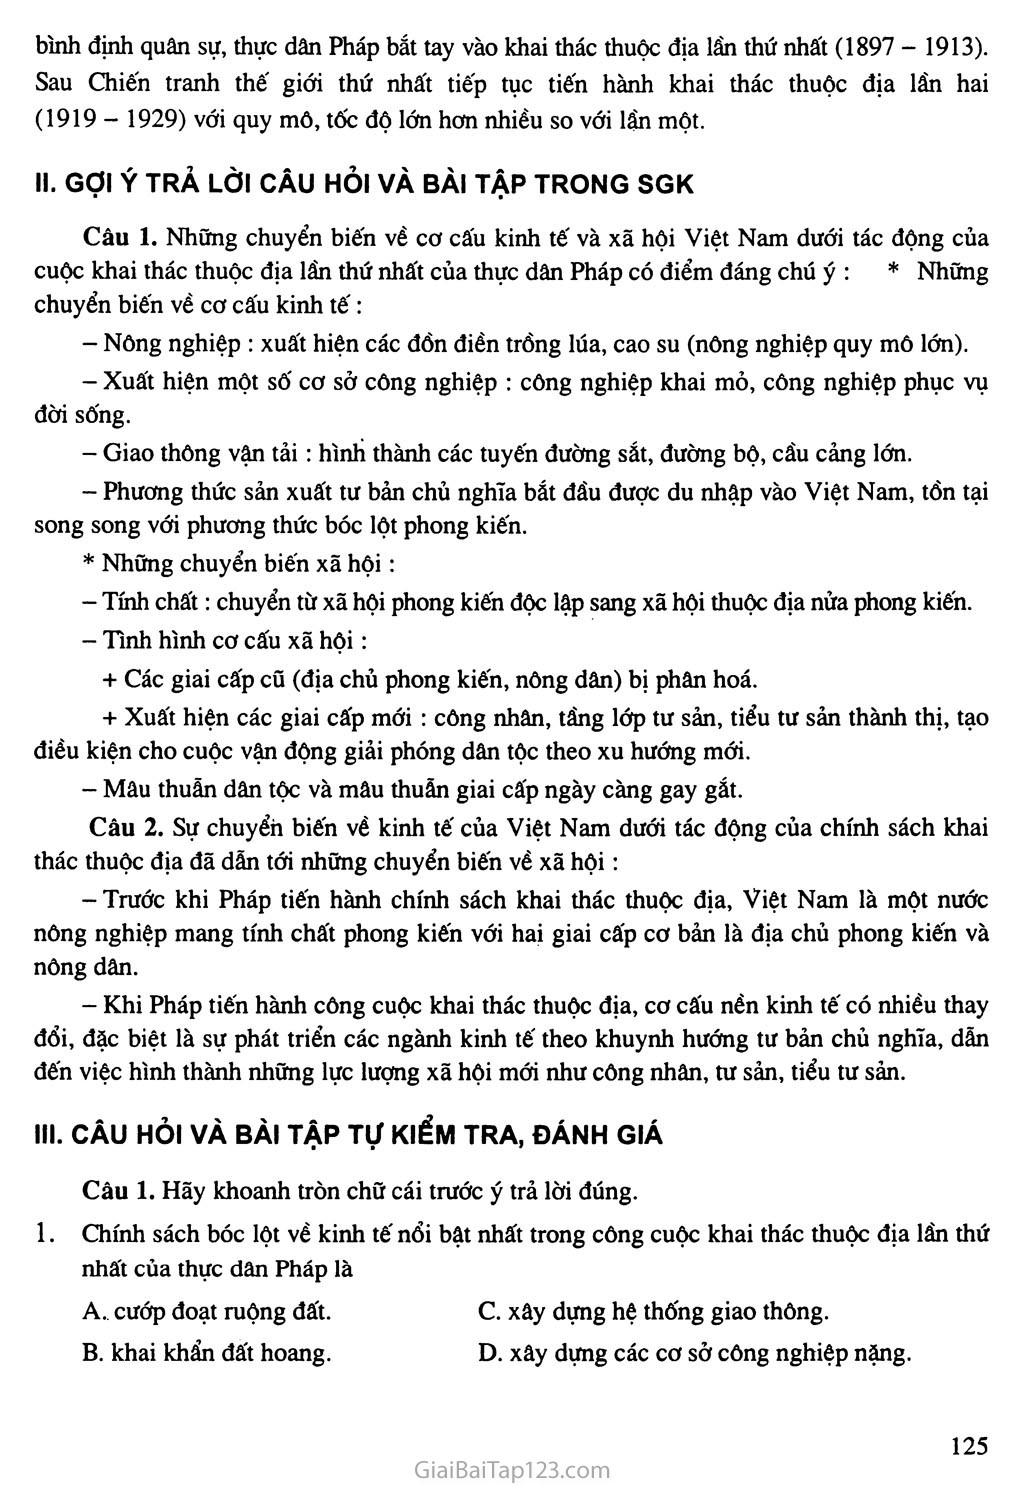 Bài 22: Xã hội Việt Nam trong cuộc khai thác lần thứ nhất của thực dân Pháp trang 4